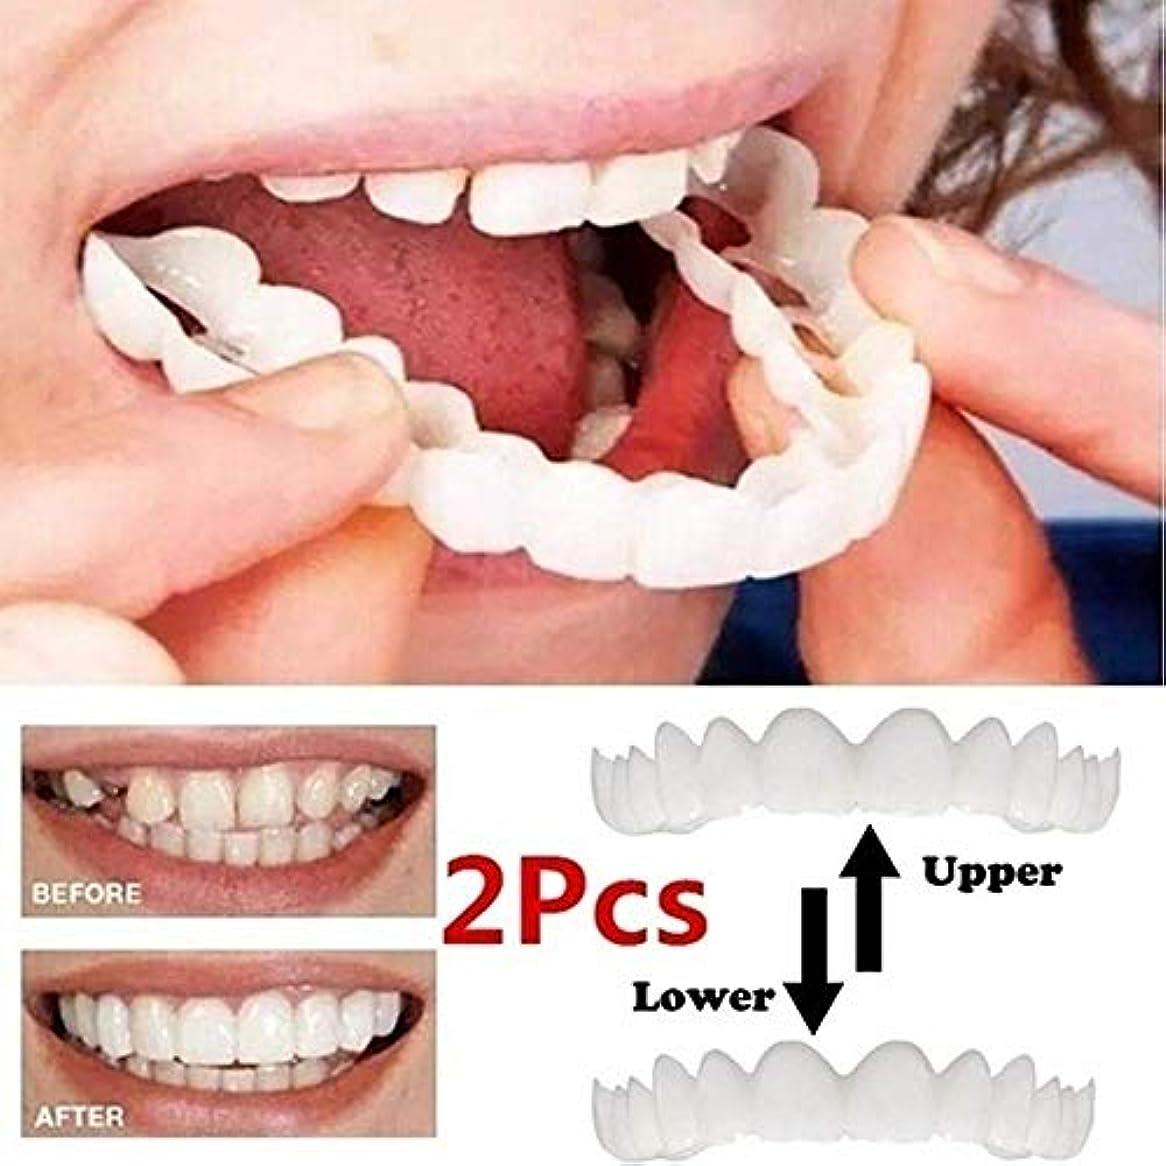 道徳の政治的つかまえる2ピース上下義歯インスタントスマイルコンフォートフレックス化粧品歯義歯1つのサイズにフィット最も快適な義歯ケア